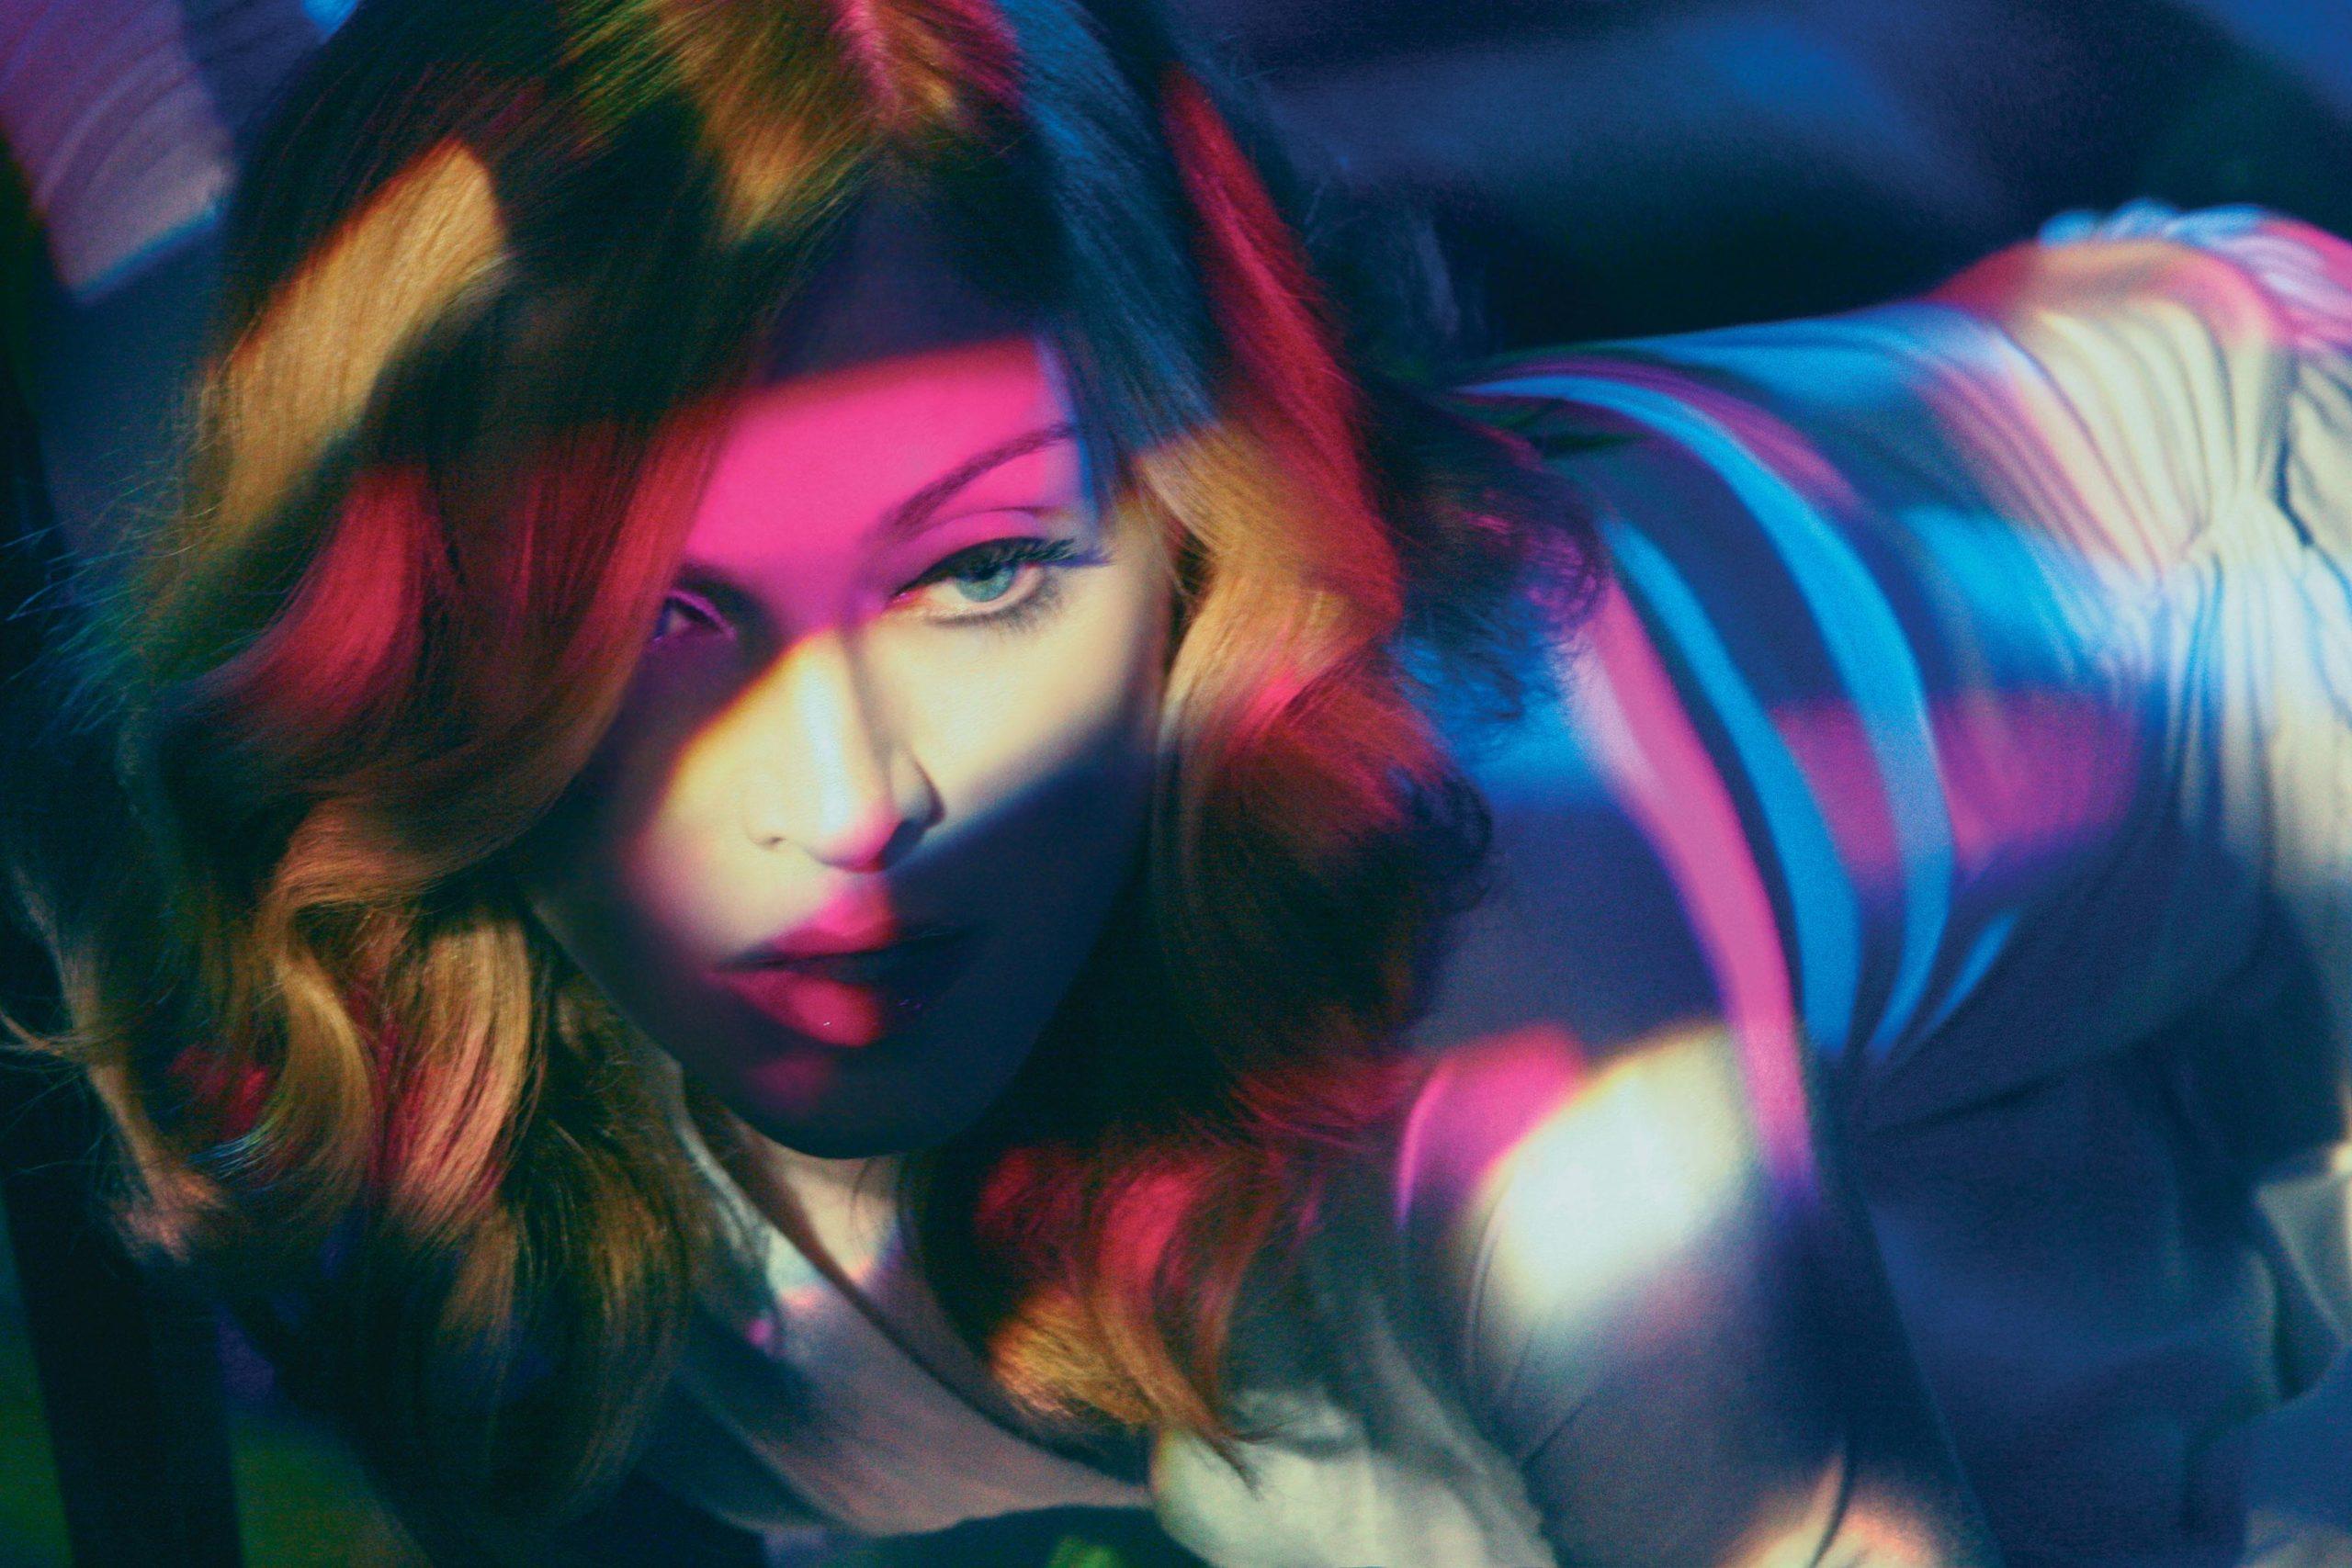 A foto mostra apenas a cabeça e o torso da cantora Madonna. Ela está apoiada de bruços, e está sendo iluminada por flashes de luz rosa, amarelo claro e azul. Ela não está olhando para a câmera.